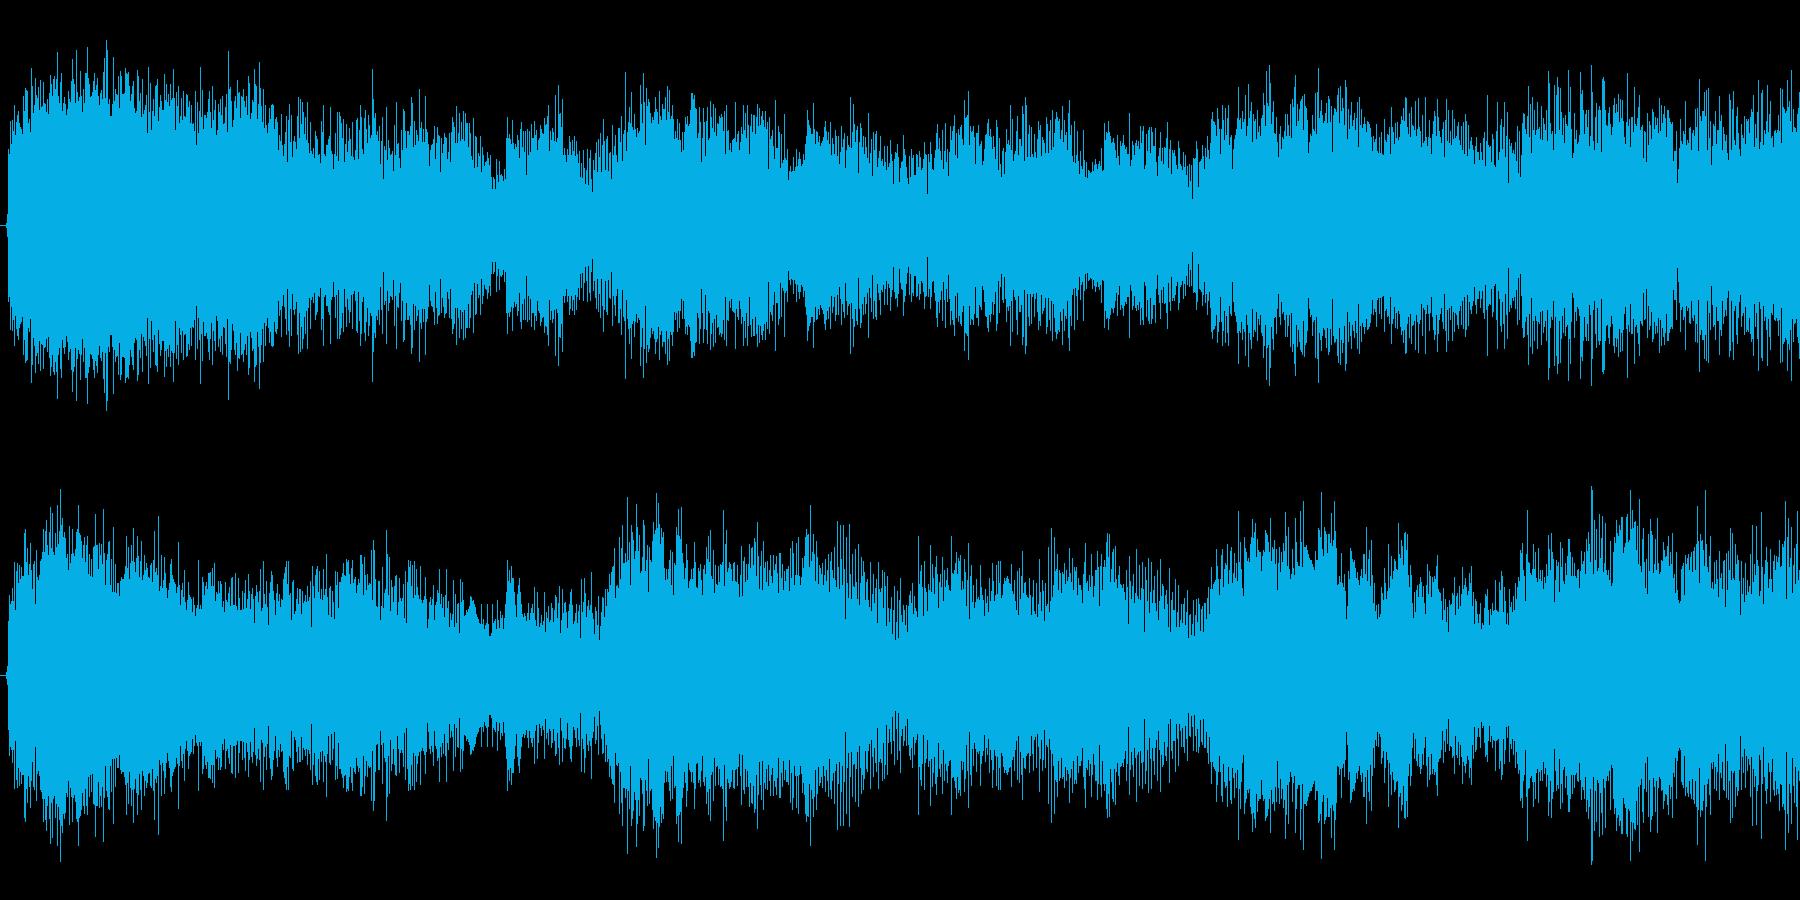 パイプオルガンとトランペットで祝福感を…の再生済みの波形